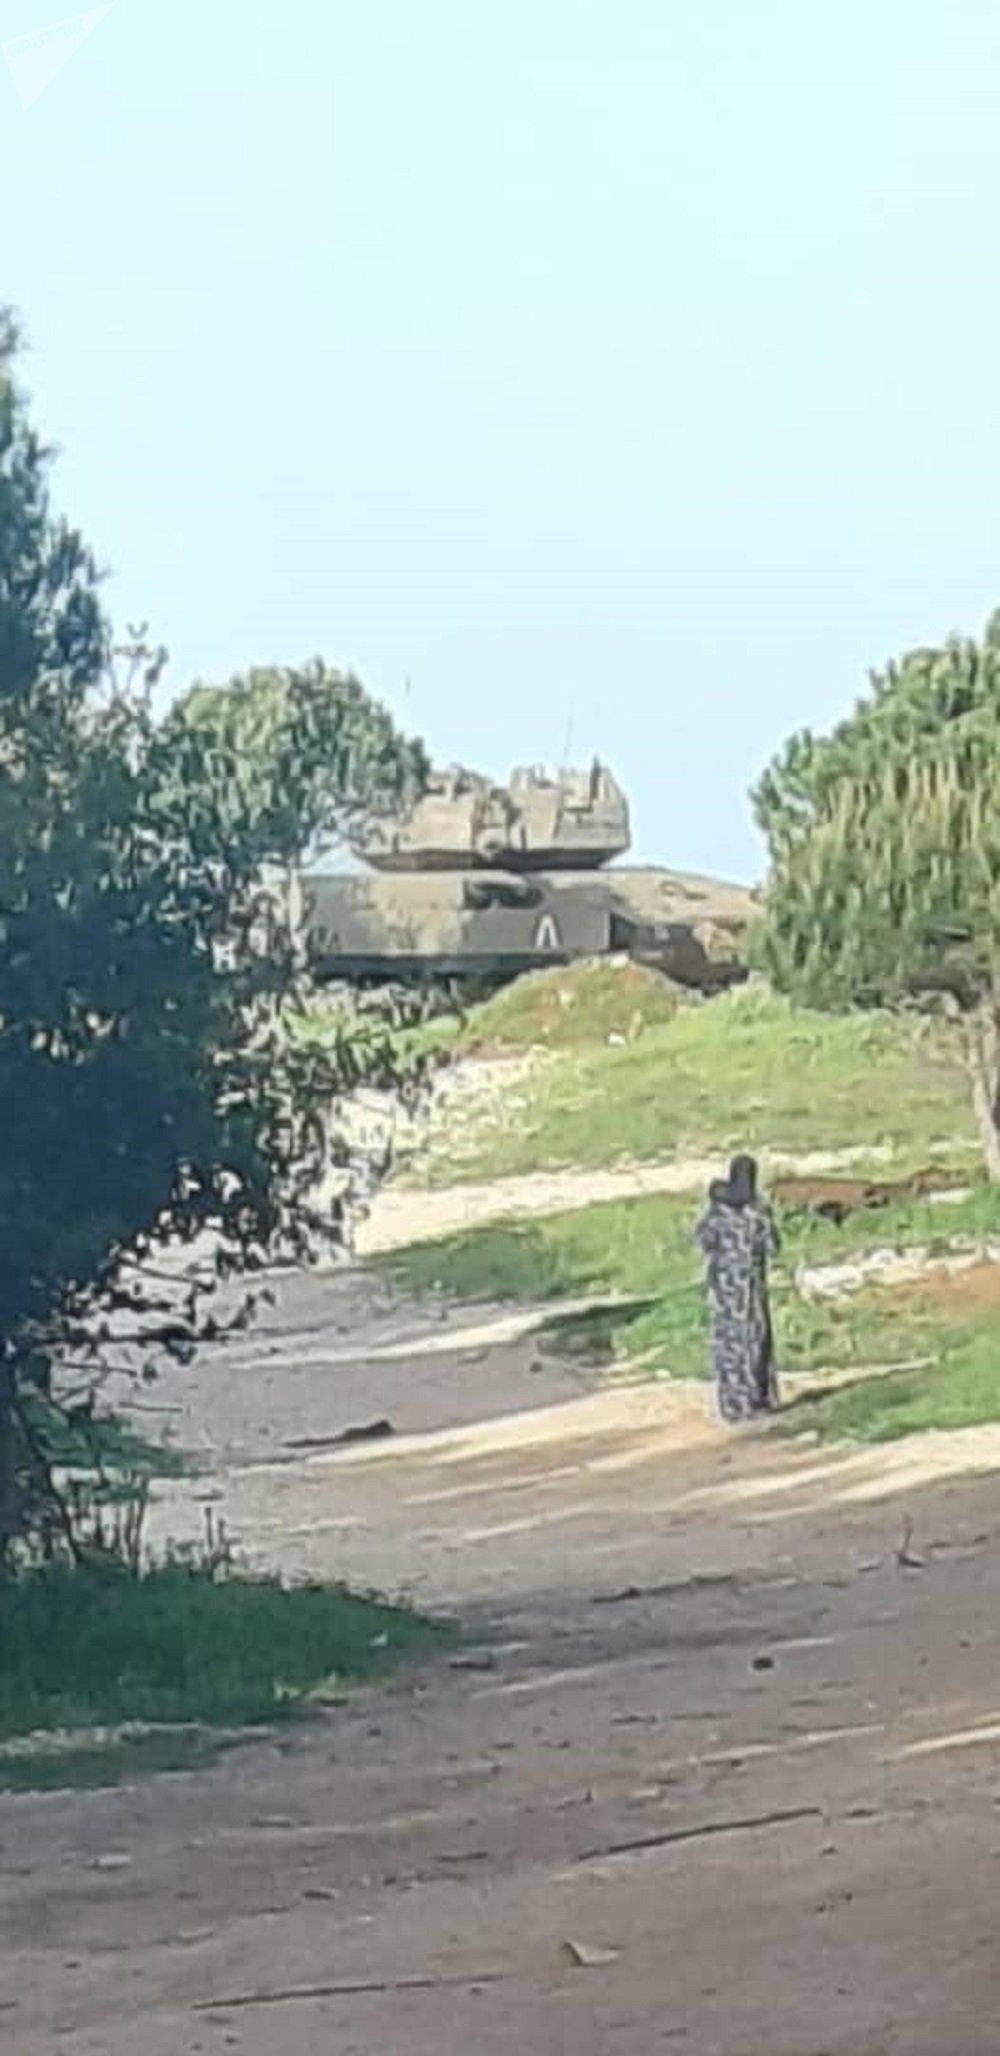 توغل دبابات إسرائيلية في الجولان